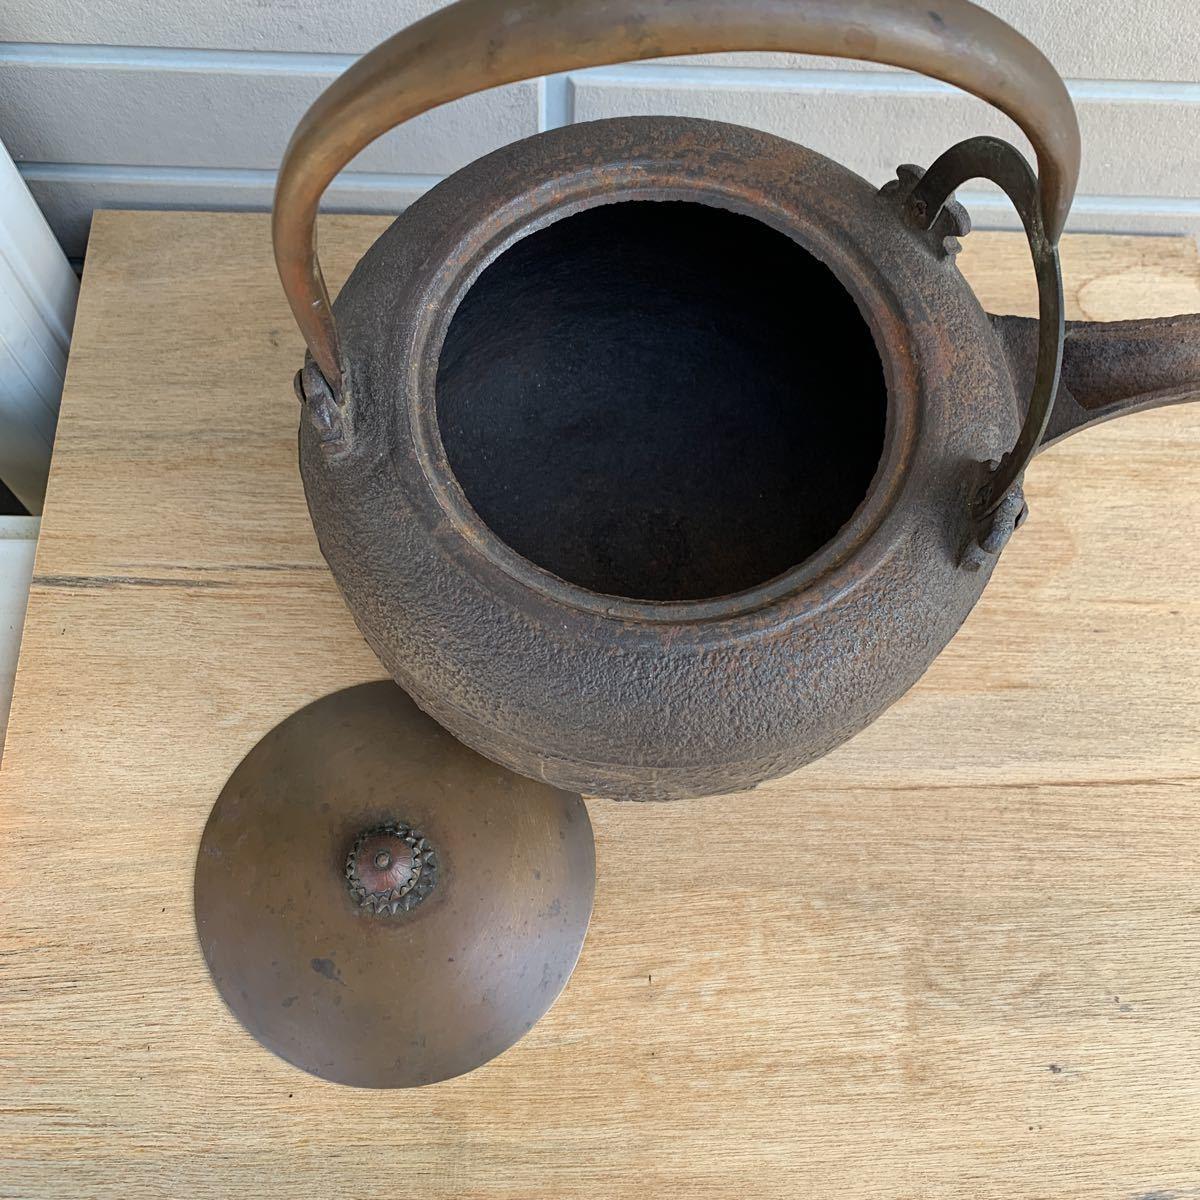 鉄瓶 松図 竹図 梅図 横約27cm 高さ約28cm 蓋唐金(大きさ13.2cm)煎茶道具_画像9